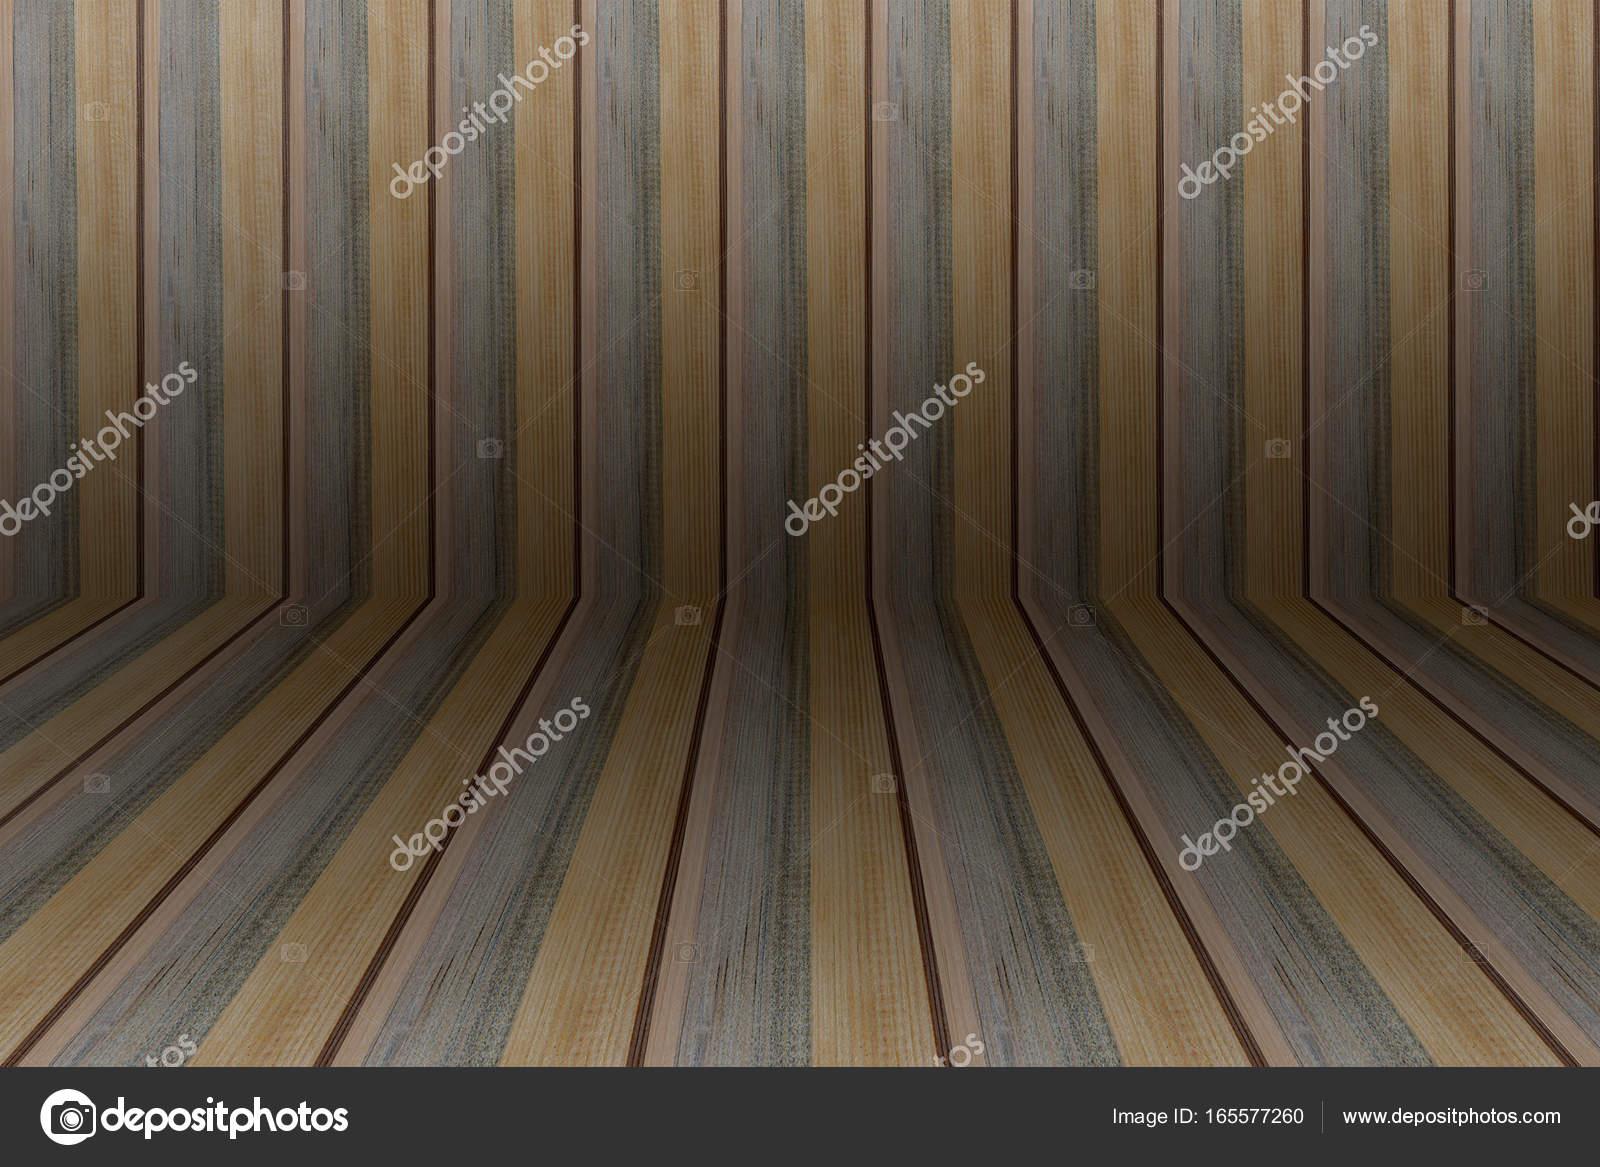 Wand Und Boden Braun, Grau Und Gelb Holz Für Hintergrund U2014 Stockfoto